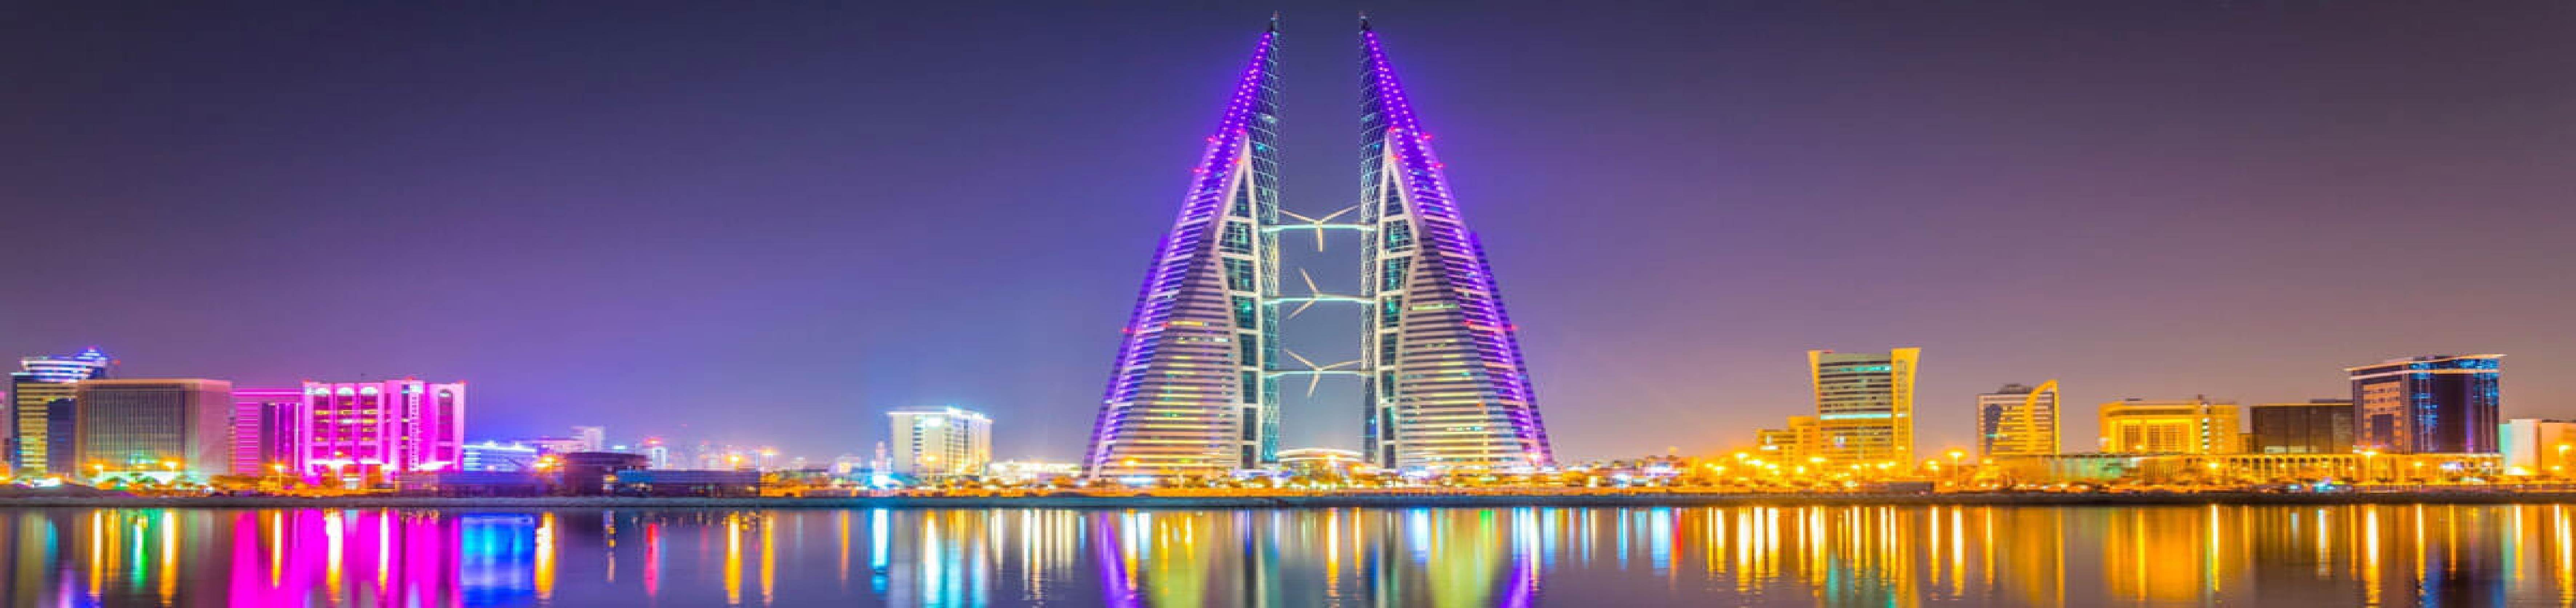 إجازات ممتعة في البحرين: أفضل الأنشطة الترفيهية في البحرين